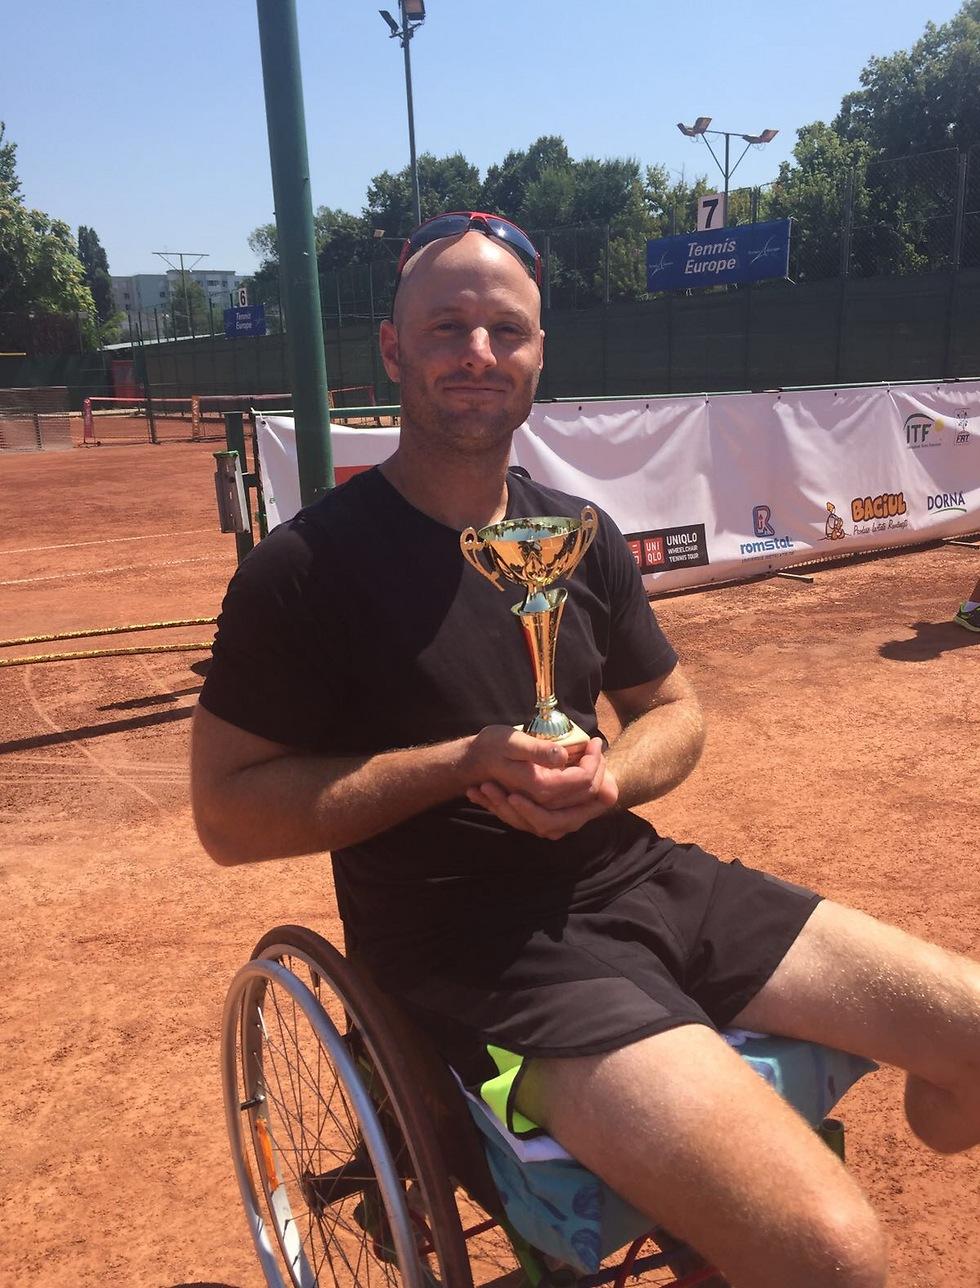 אדם ברדיצ'בסקי עם הגביע (צילום: באדיבות הוועד הפראלימפי)